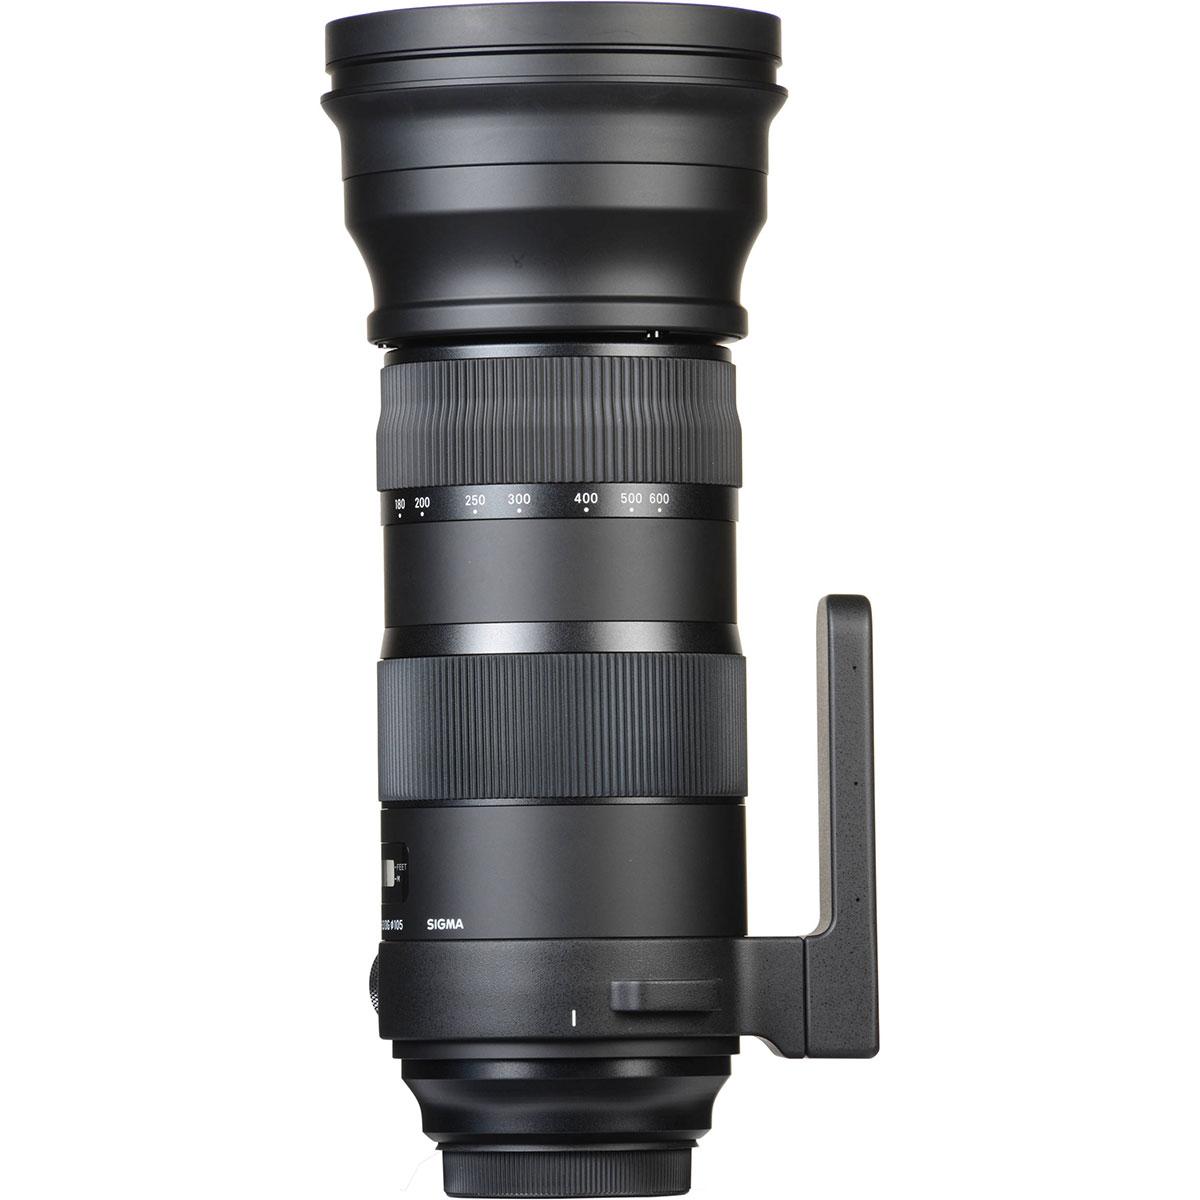 لنز سیگما مدل 150-600mm f/5-6.3 DG OS مناسب برای دوربین کانن